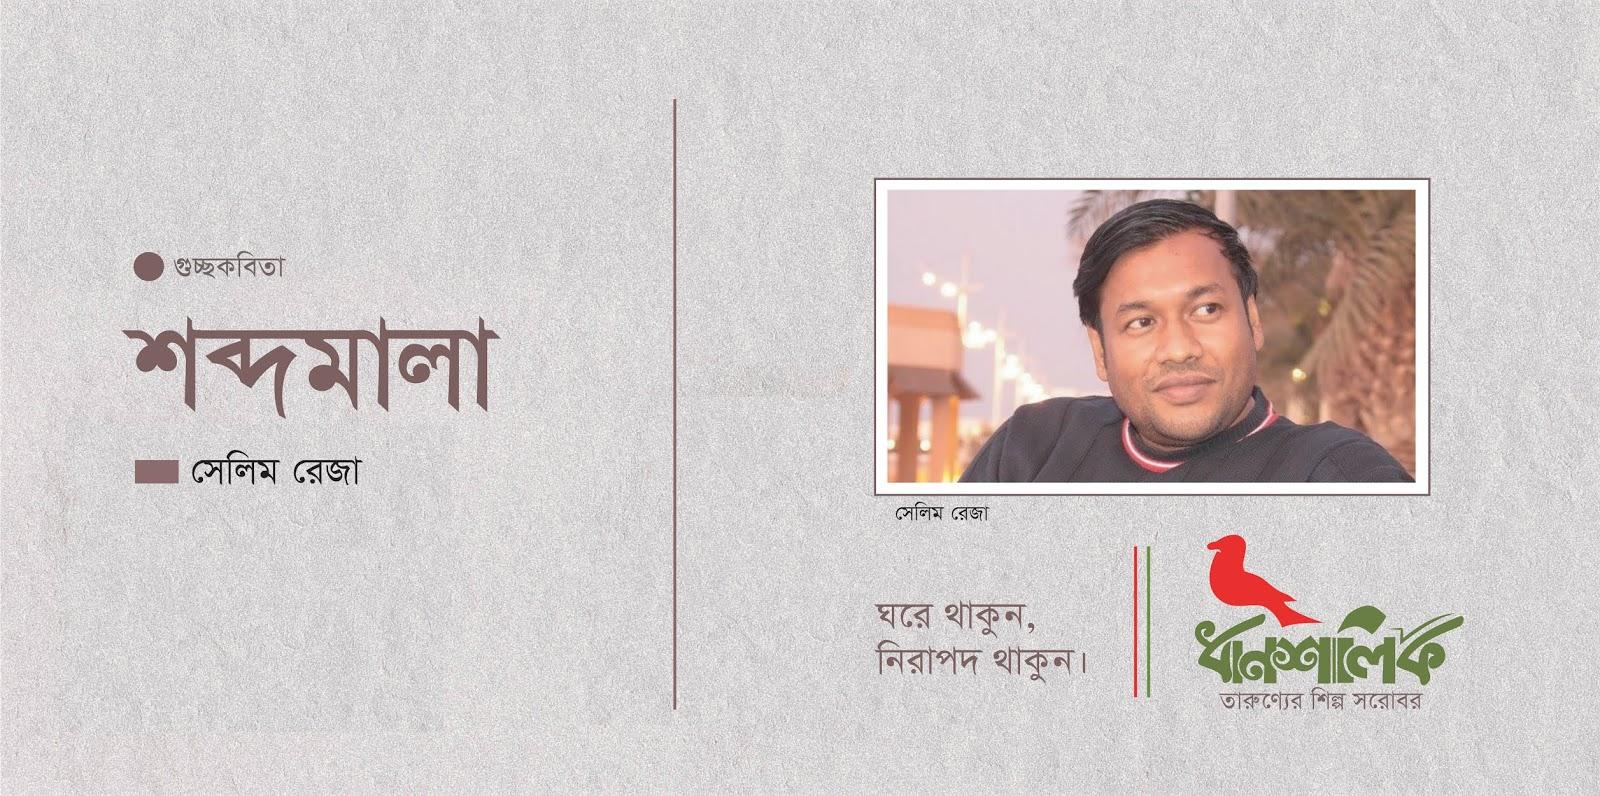 শব্দমালা : সেলিম রেজা